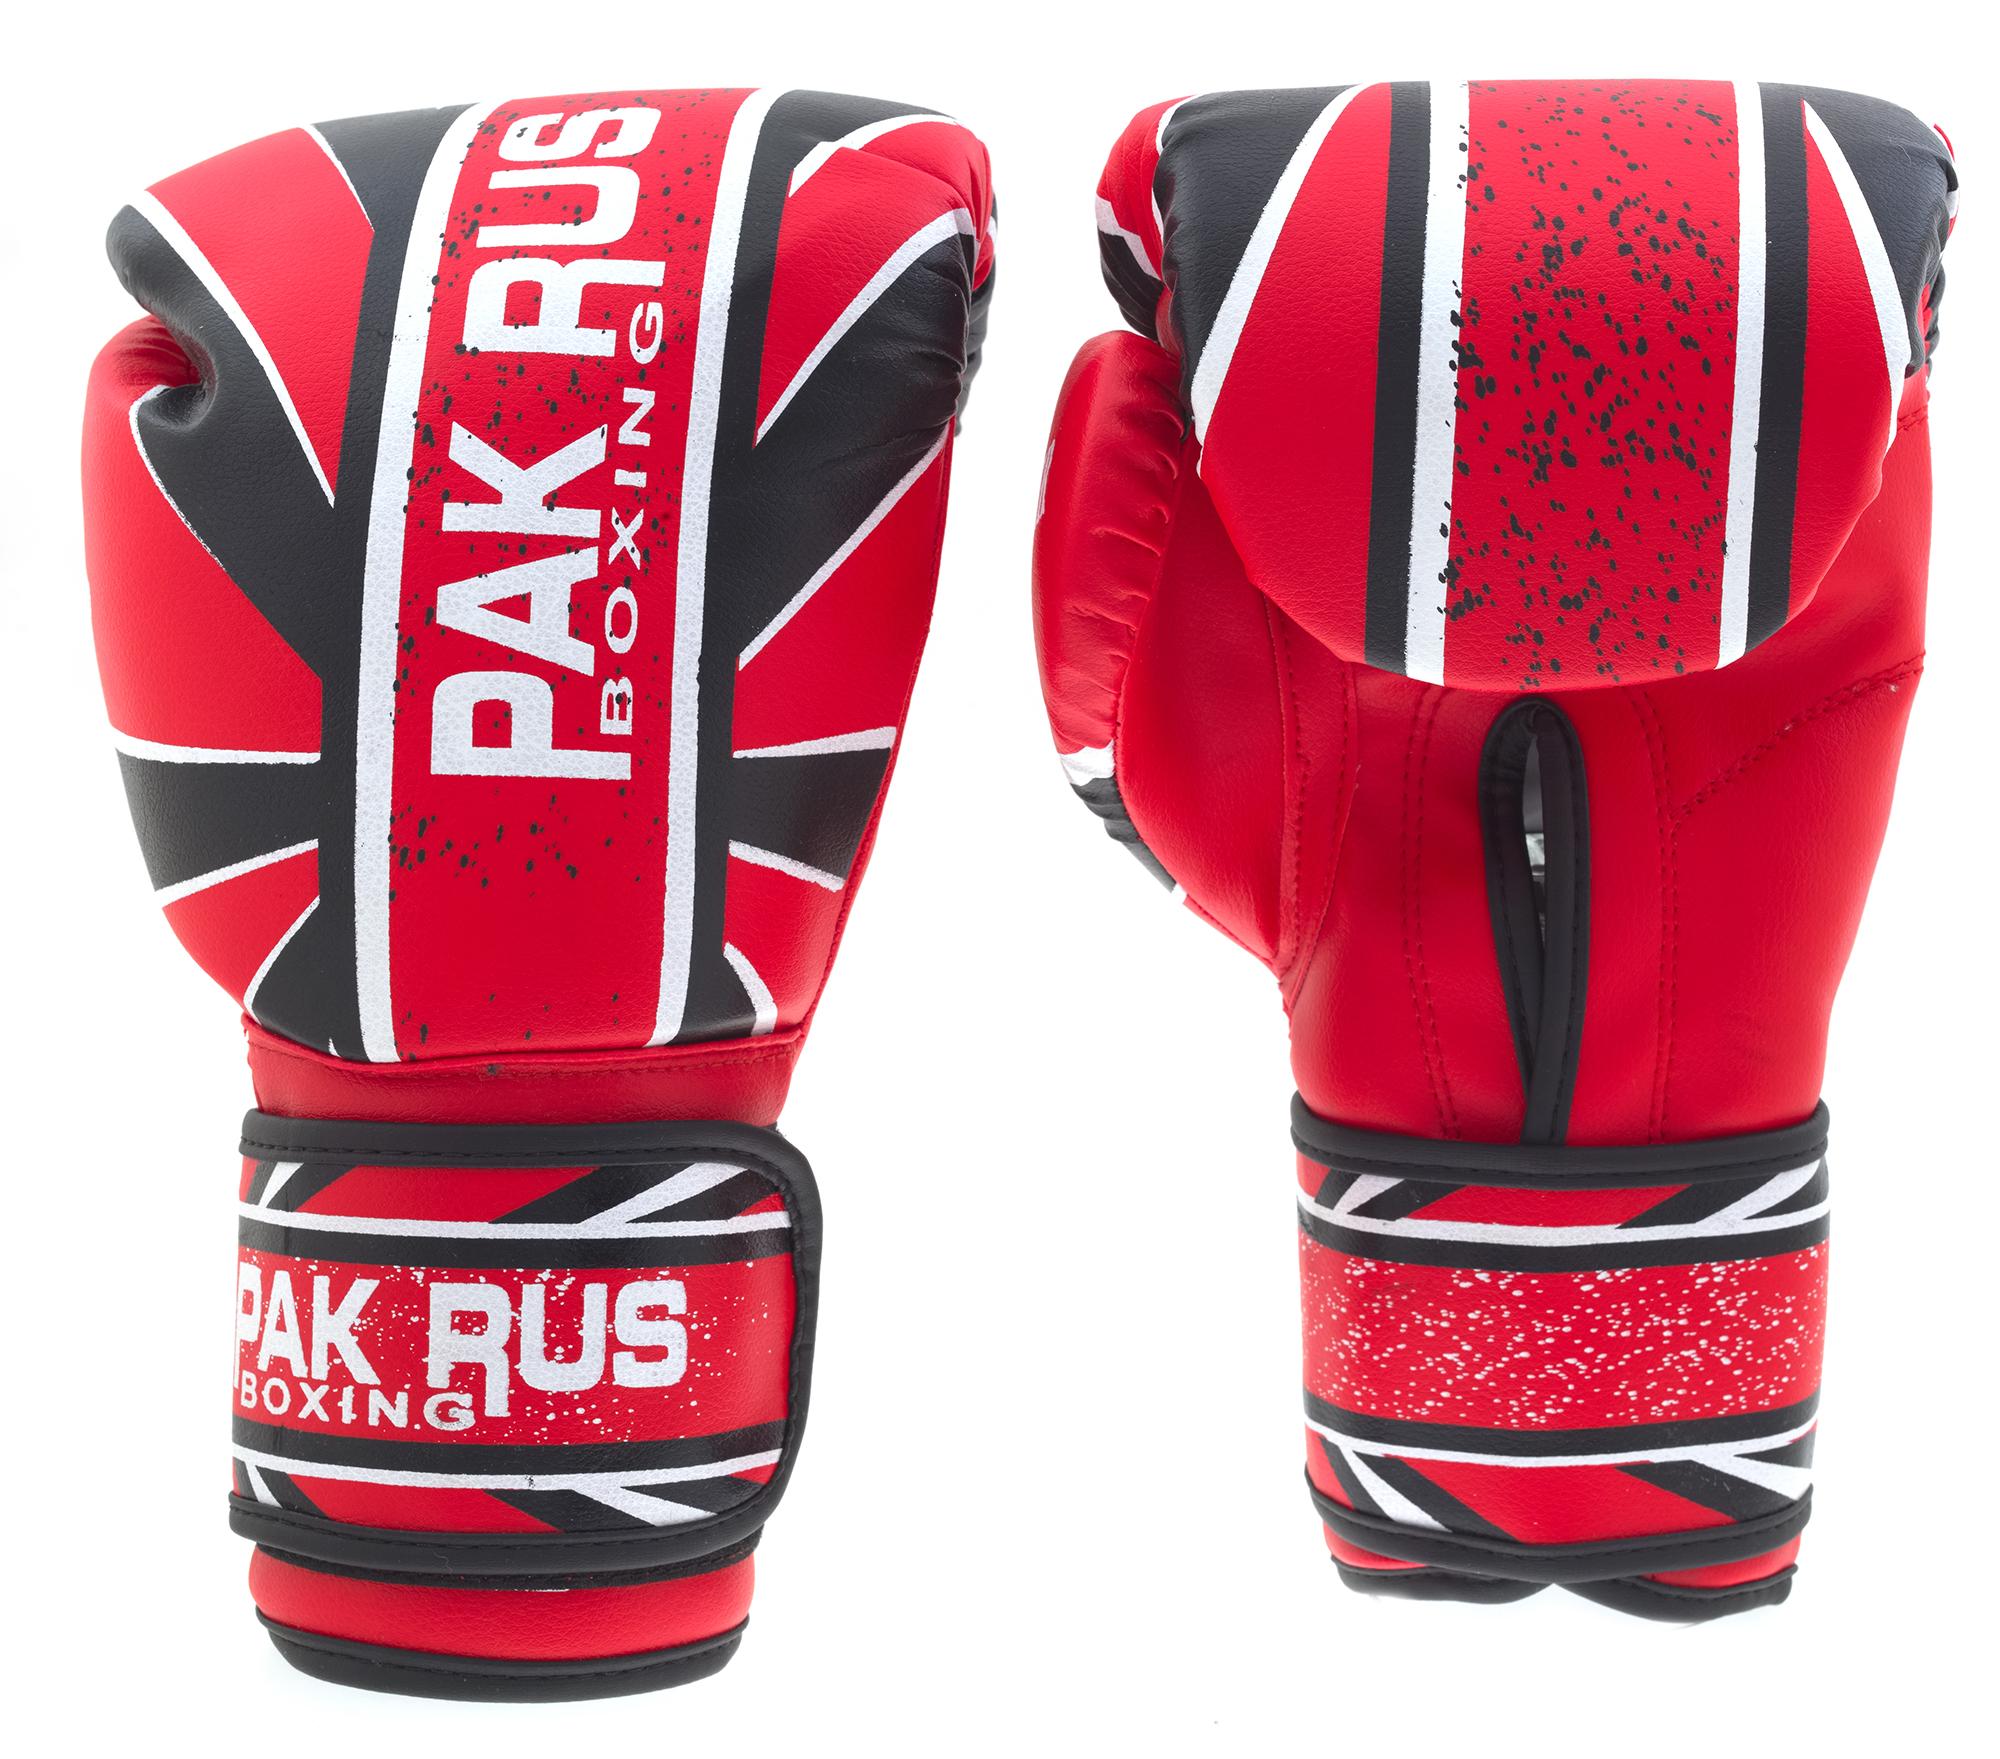 Перчатки боксерские Pak Rus, искусственная кожа Amiko, 10 OZ, PR-11-017 - артикул: 800910392